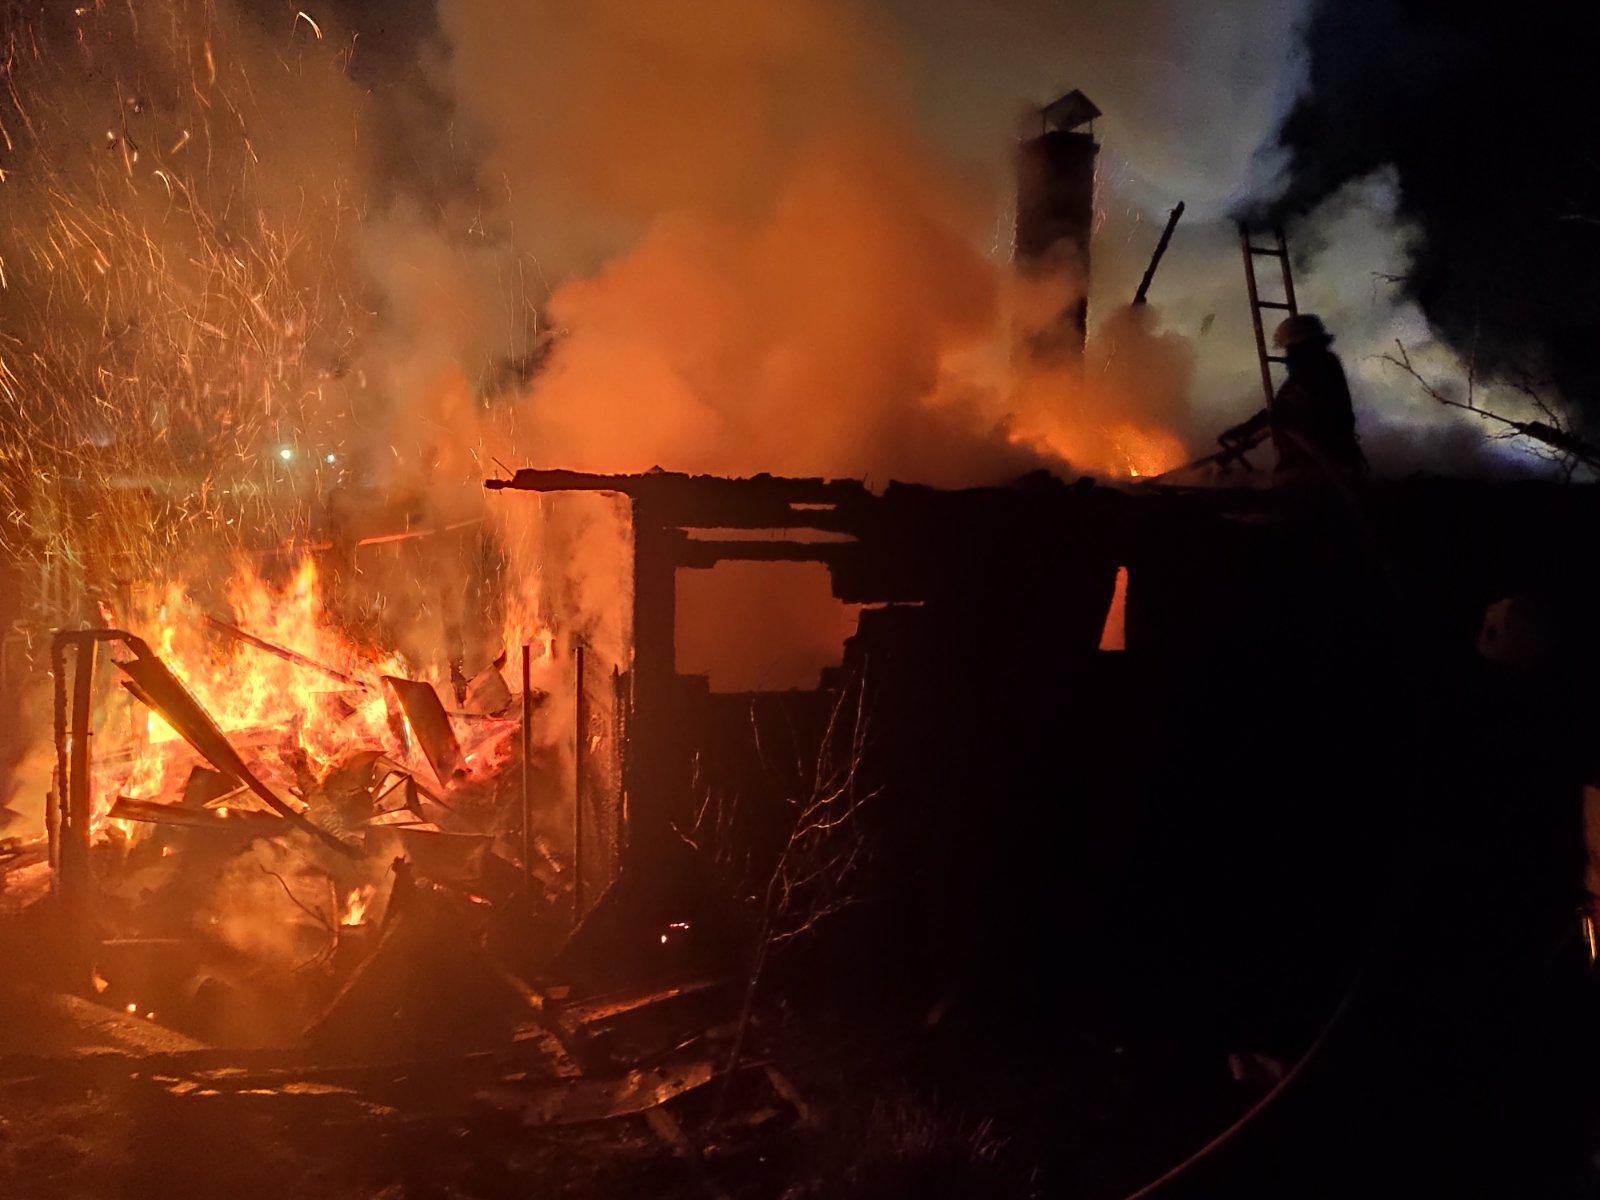 Сьогодні рано-вранці ужгородським вогнеборцям довелося гасити дві пожежі в житловому секторі майже одночасно.